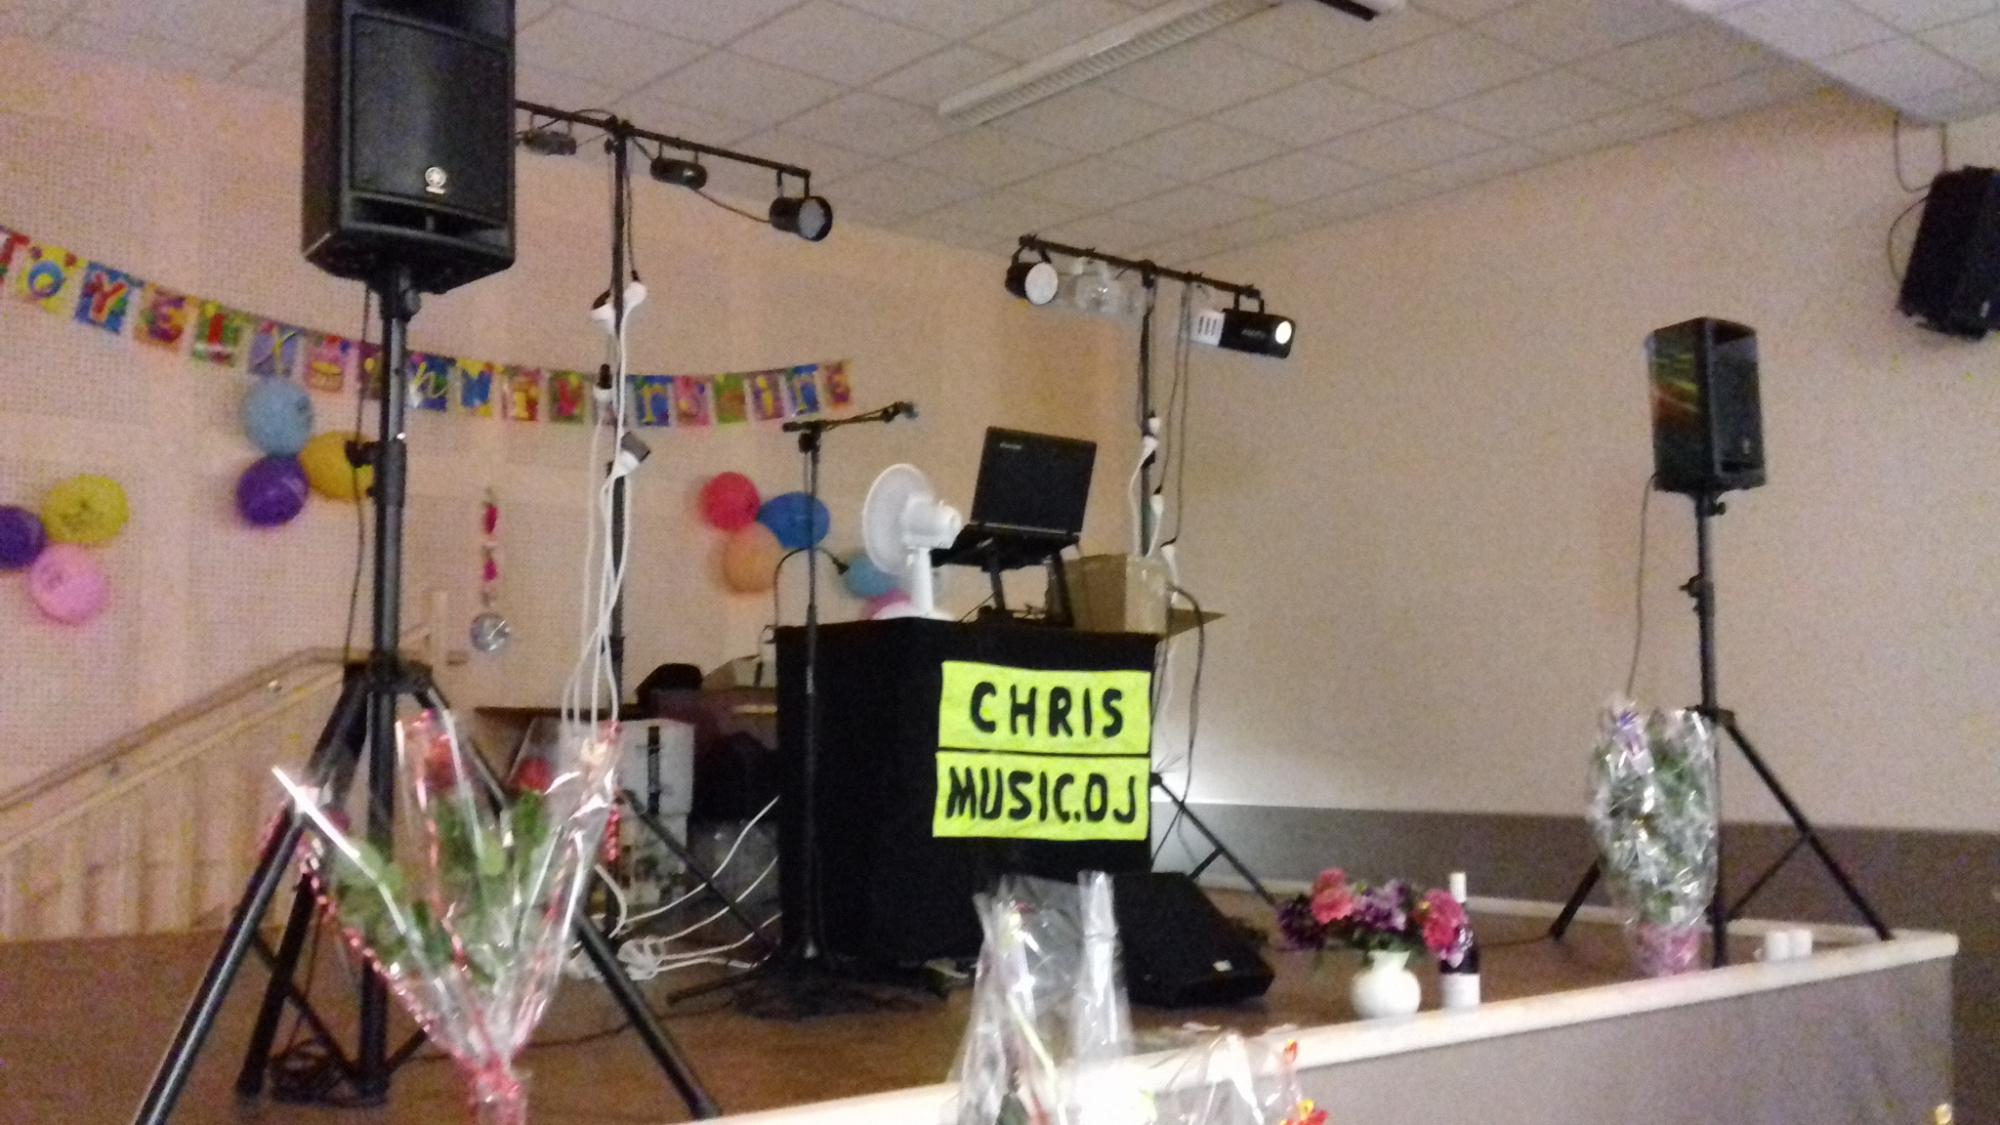 CHRIS&MUSIC.DJ